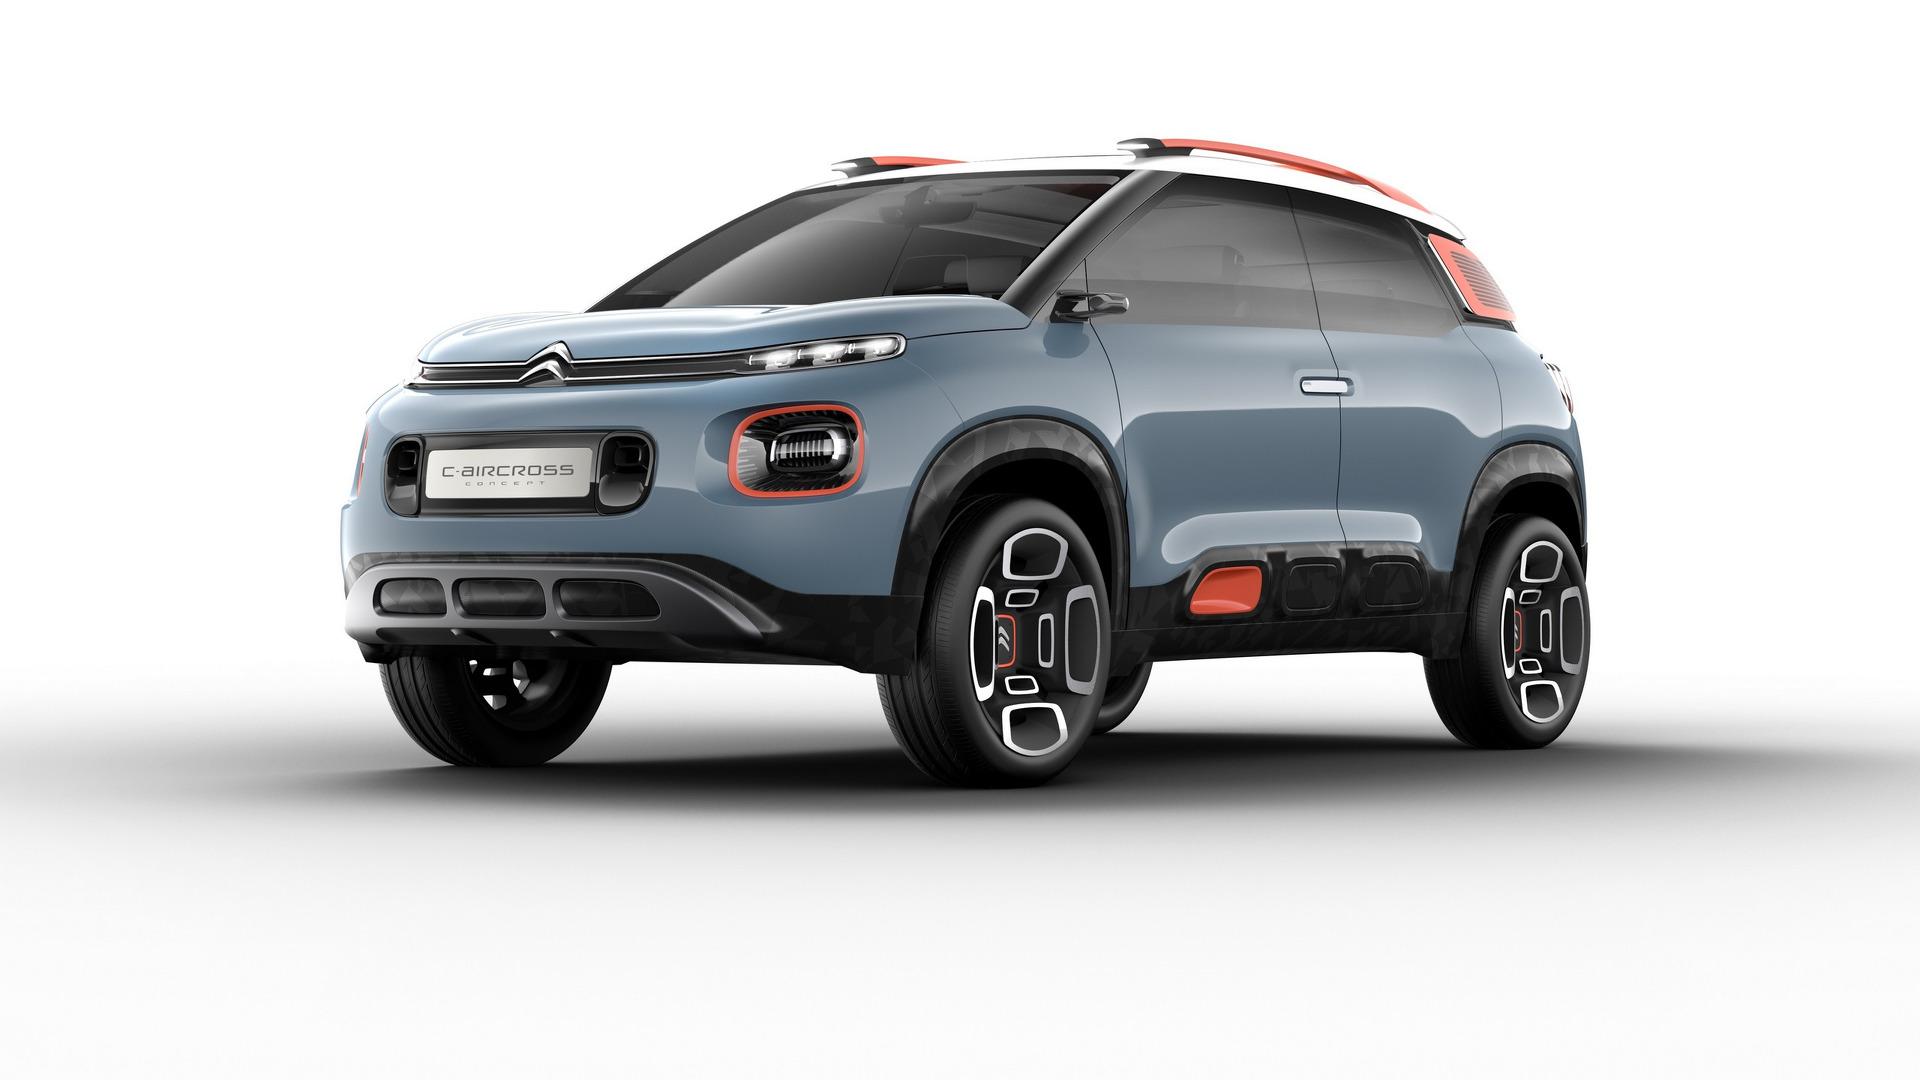 Citroën C-Aircross